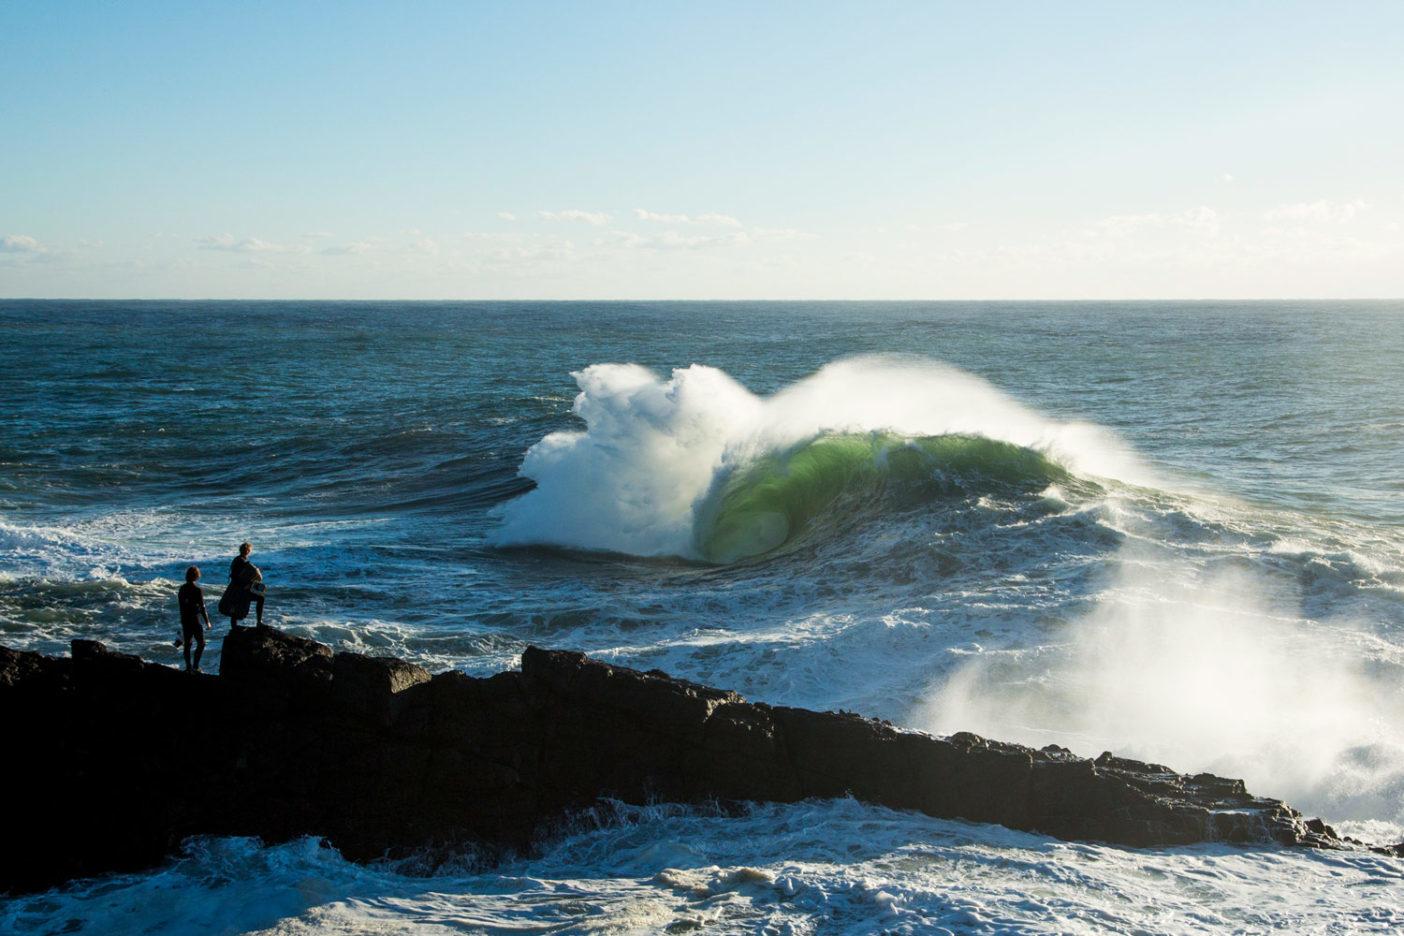 波に入る順番を待つスコット・ソーエンズとデイヴィッド・フォックス。レイと一緒に撮影する日程はわずか3日しかなかったが、その年最高のスウェルが出現。誰も怪我をせず、最高のときとなった。Photo: Donnie Hedden